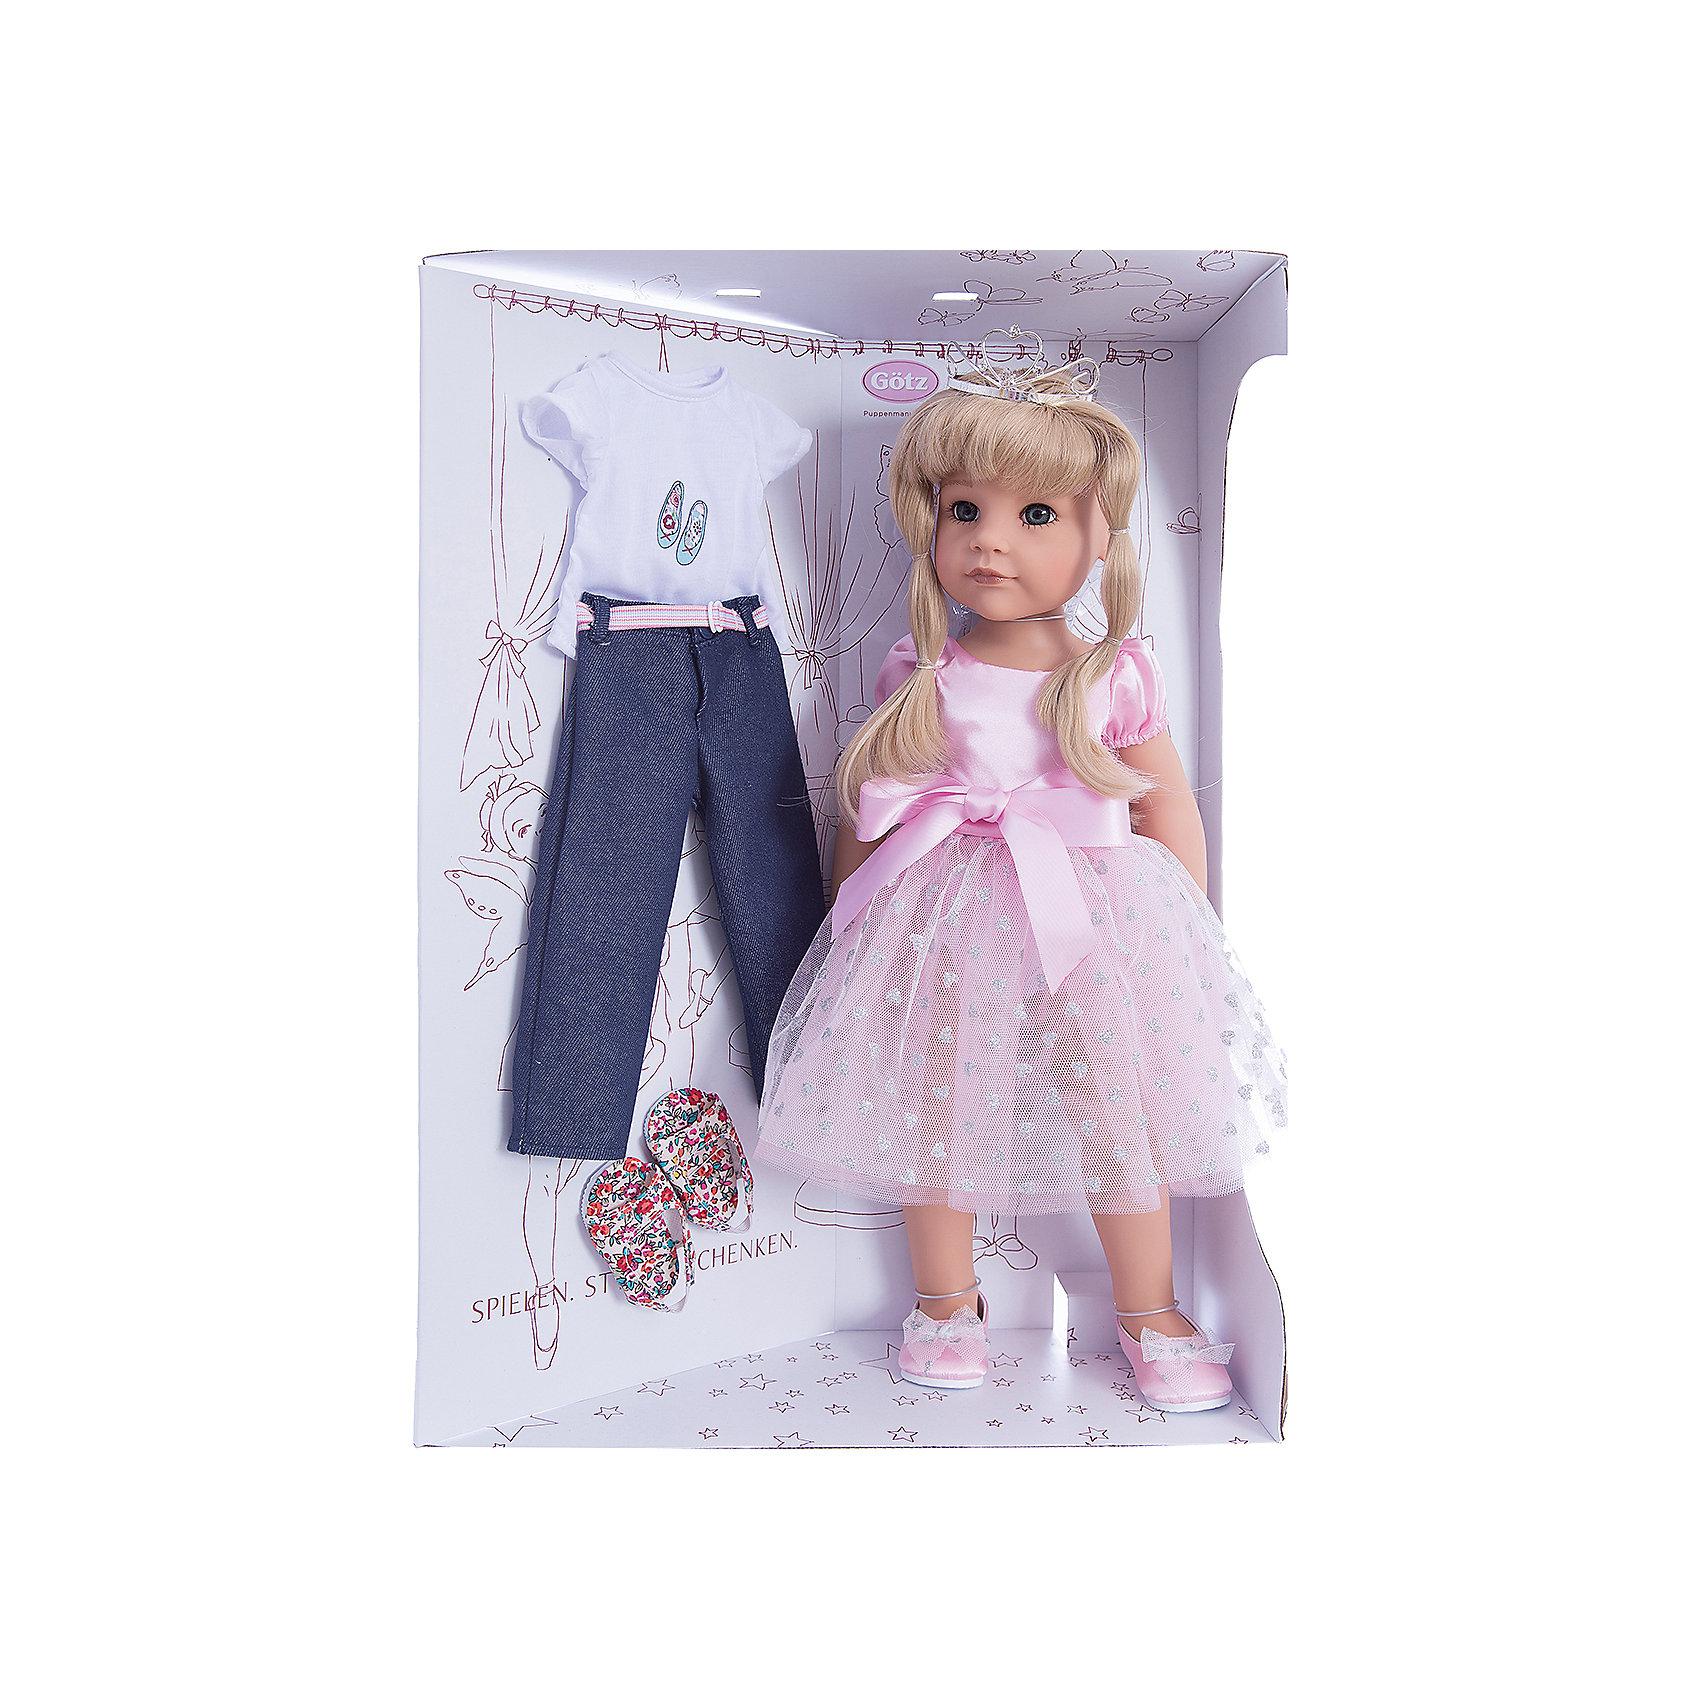 Кукла Ханна Принцесса, 50 см, G?tzБренды кукол<br>С необычной куклой,которая так похожа на настоящую девочку, можно проводить много времени вместе, придумывая увлекательные сюжеты для игр. Кукла Gotz с виниловым подвижным телом подходит для активных игр дома и на улице. Куклу можно переодевать и делать различные прически. Кукла продается в ярко-розовом пышном платье и изящных балетках. На голове изумительная диадема. Куколка может переодеваться в свободную одежду: джинсы и футболку. В наборе: кукла, дополнительный комплект одежды. Куклу можно мыть, для поддержания одежды в опрятном виде рекомендуется щадящая машинная стирка при температуре 30градусов.<br><br>Ширина мм: 527<br>Глубина мм: 384<br>Высота мм: 140<br>Вес г: 1200<br>Возраст от месяцев: 36<br>Возраст до месяцев: 144<br>Пол: Женский<br>Возраст: Детский<br>SKU: 4813061